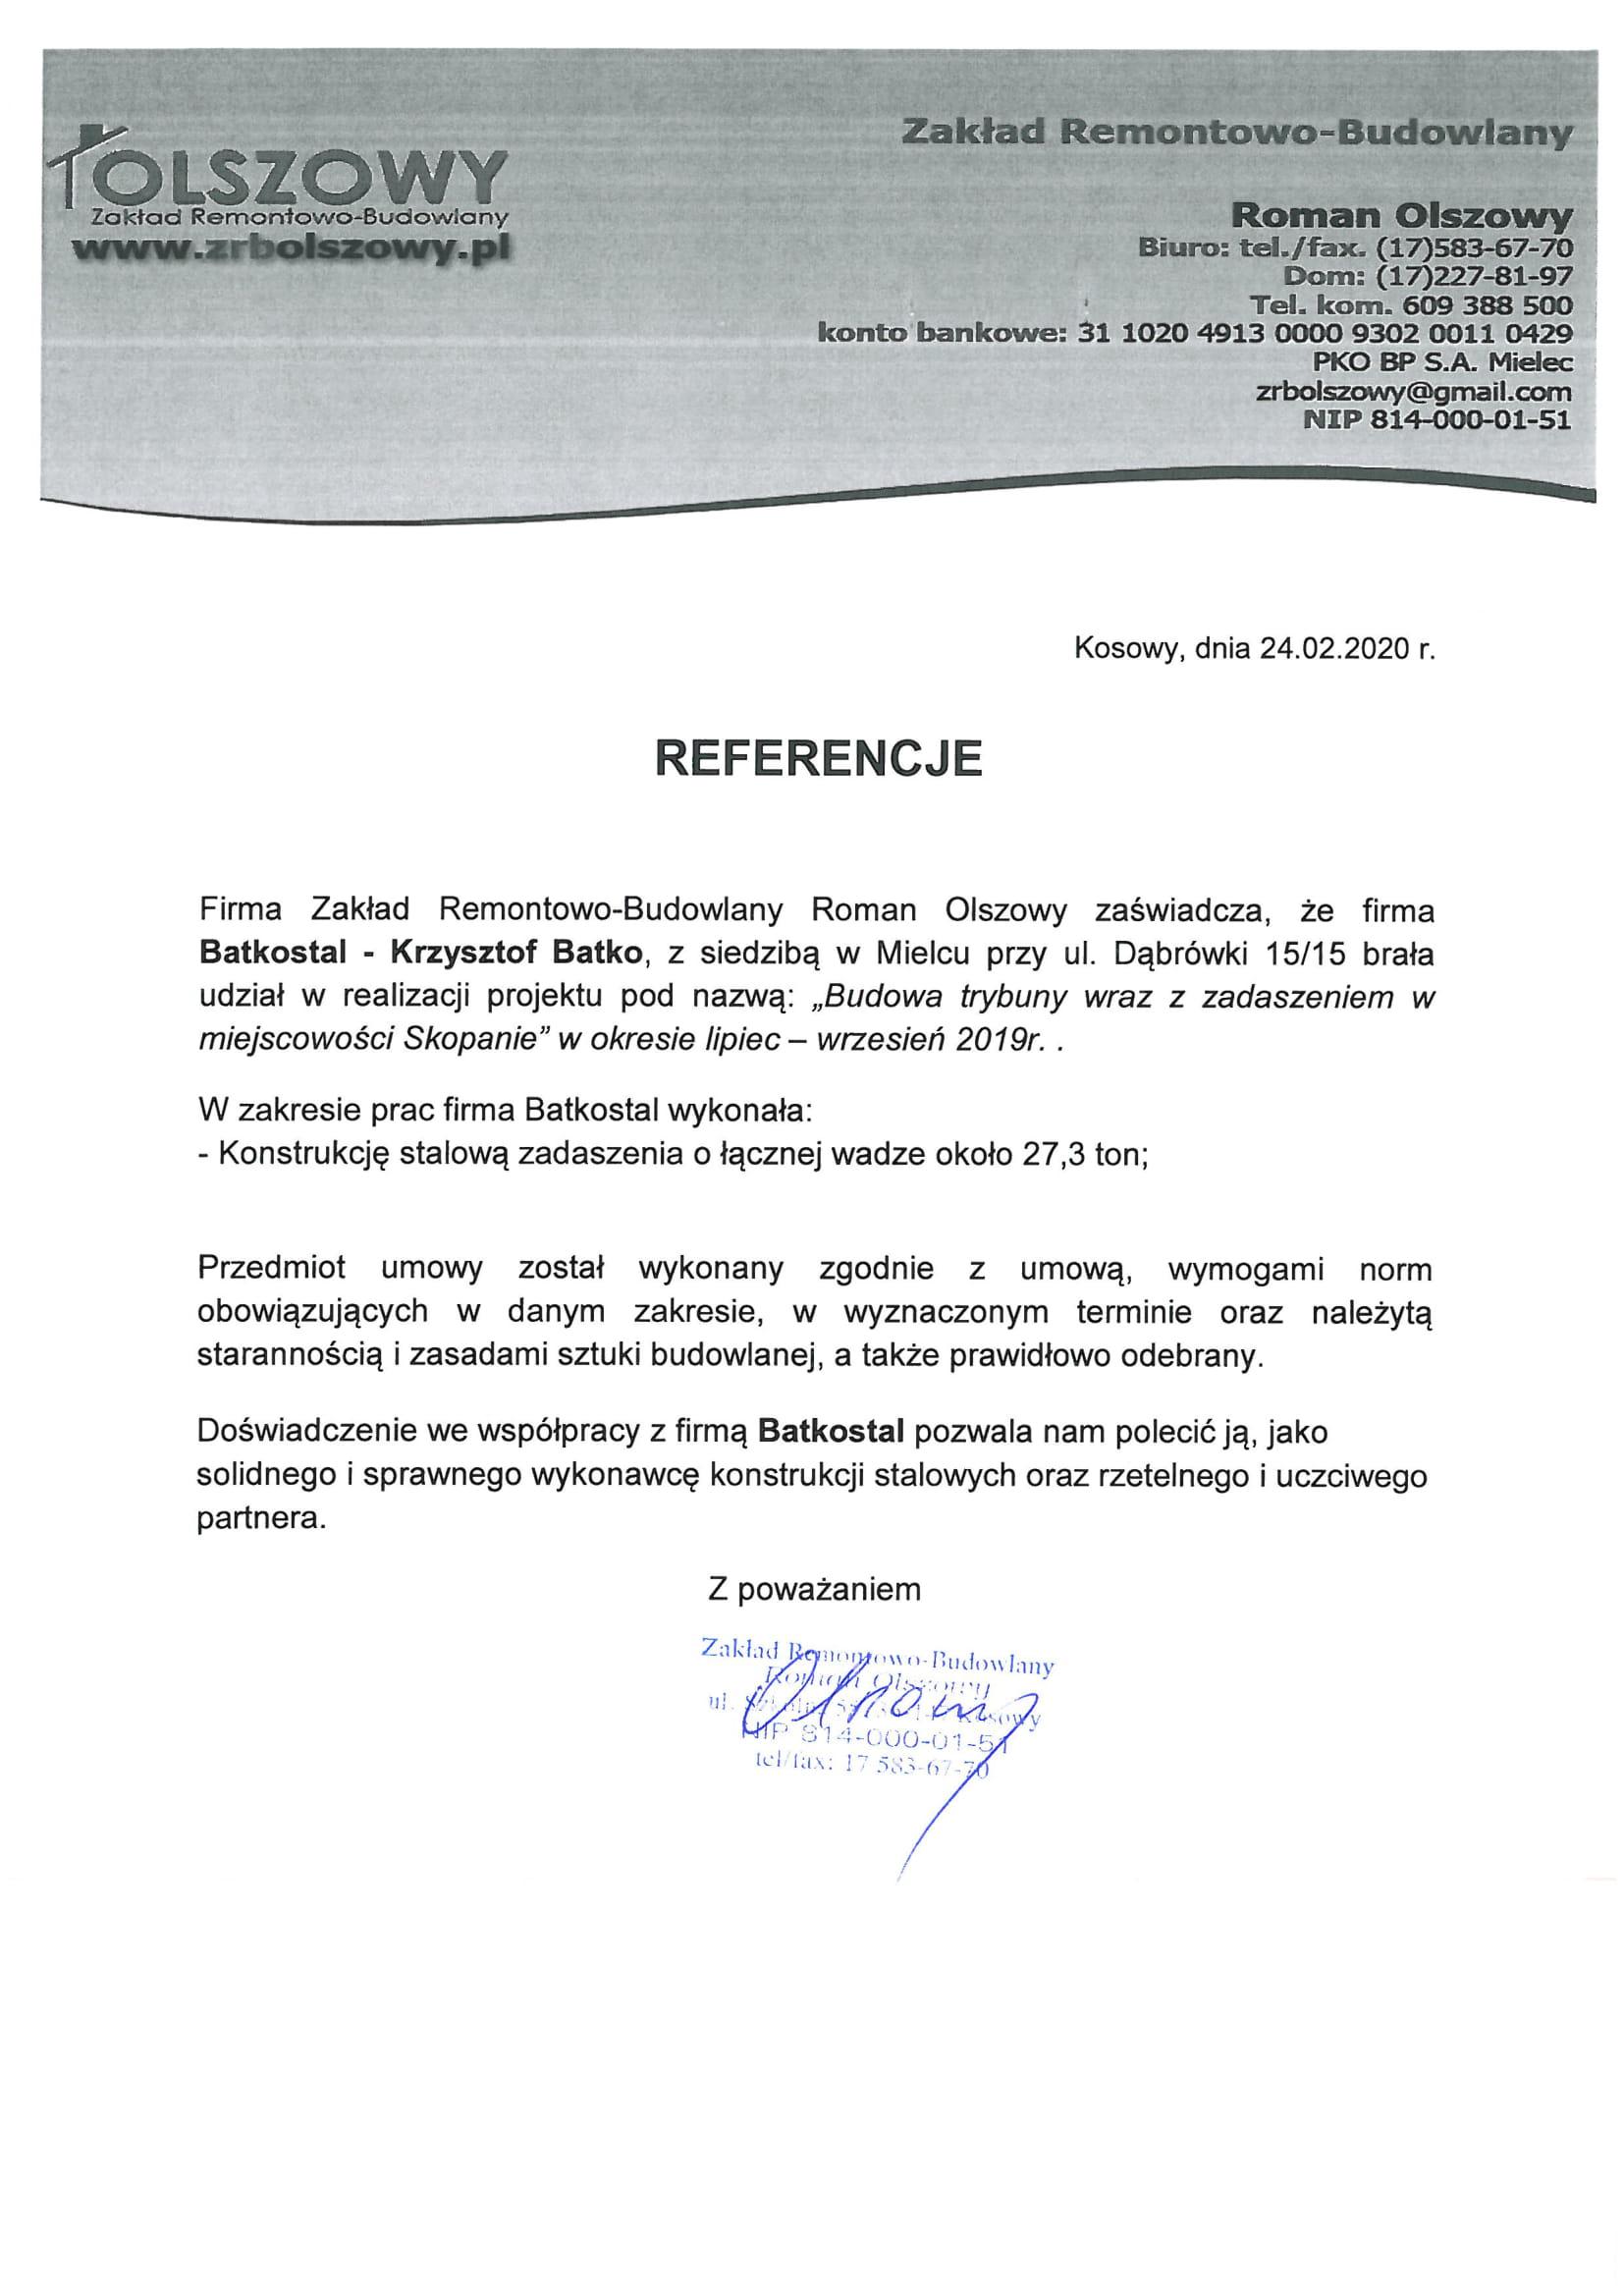 Referencje BS 073 – ZRB Olszowy-1